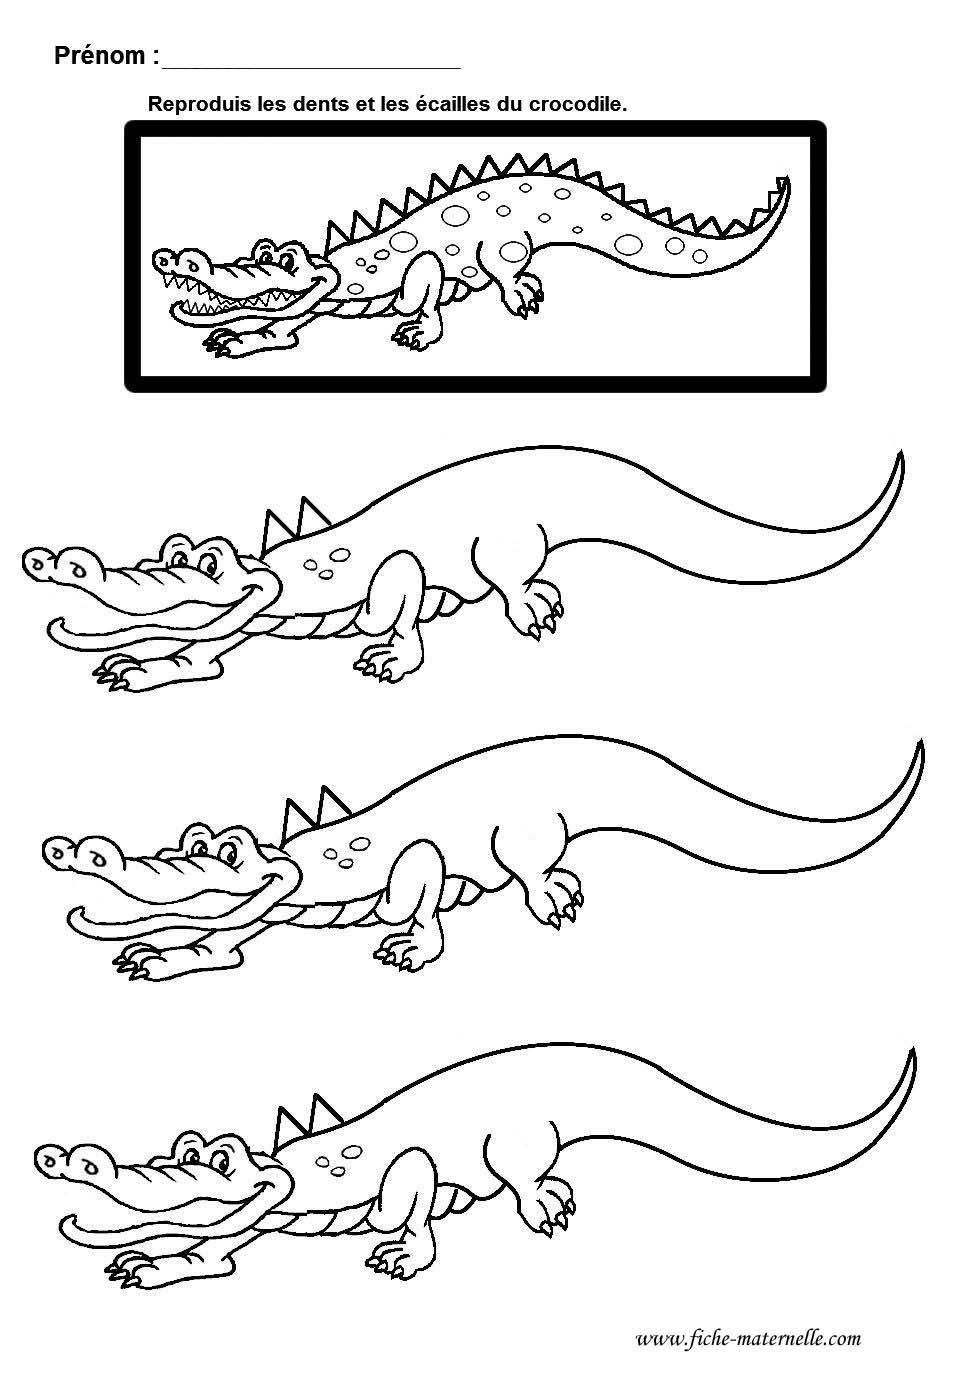 Coloriage En Ligne Grande Section.Graphisme Gs Et Ms Lignes Brisees En Maternelle Le Crocodile